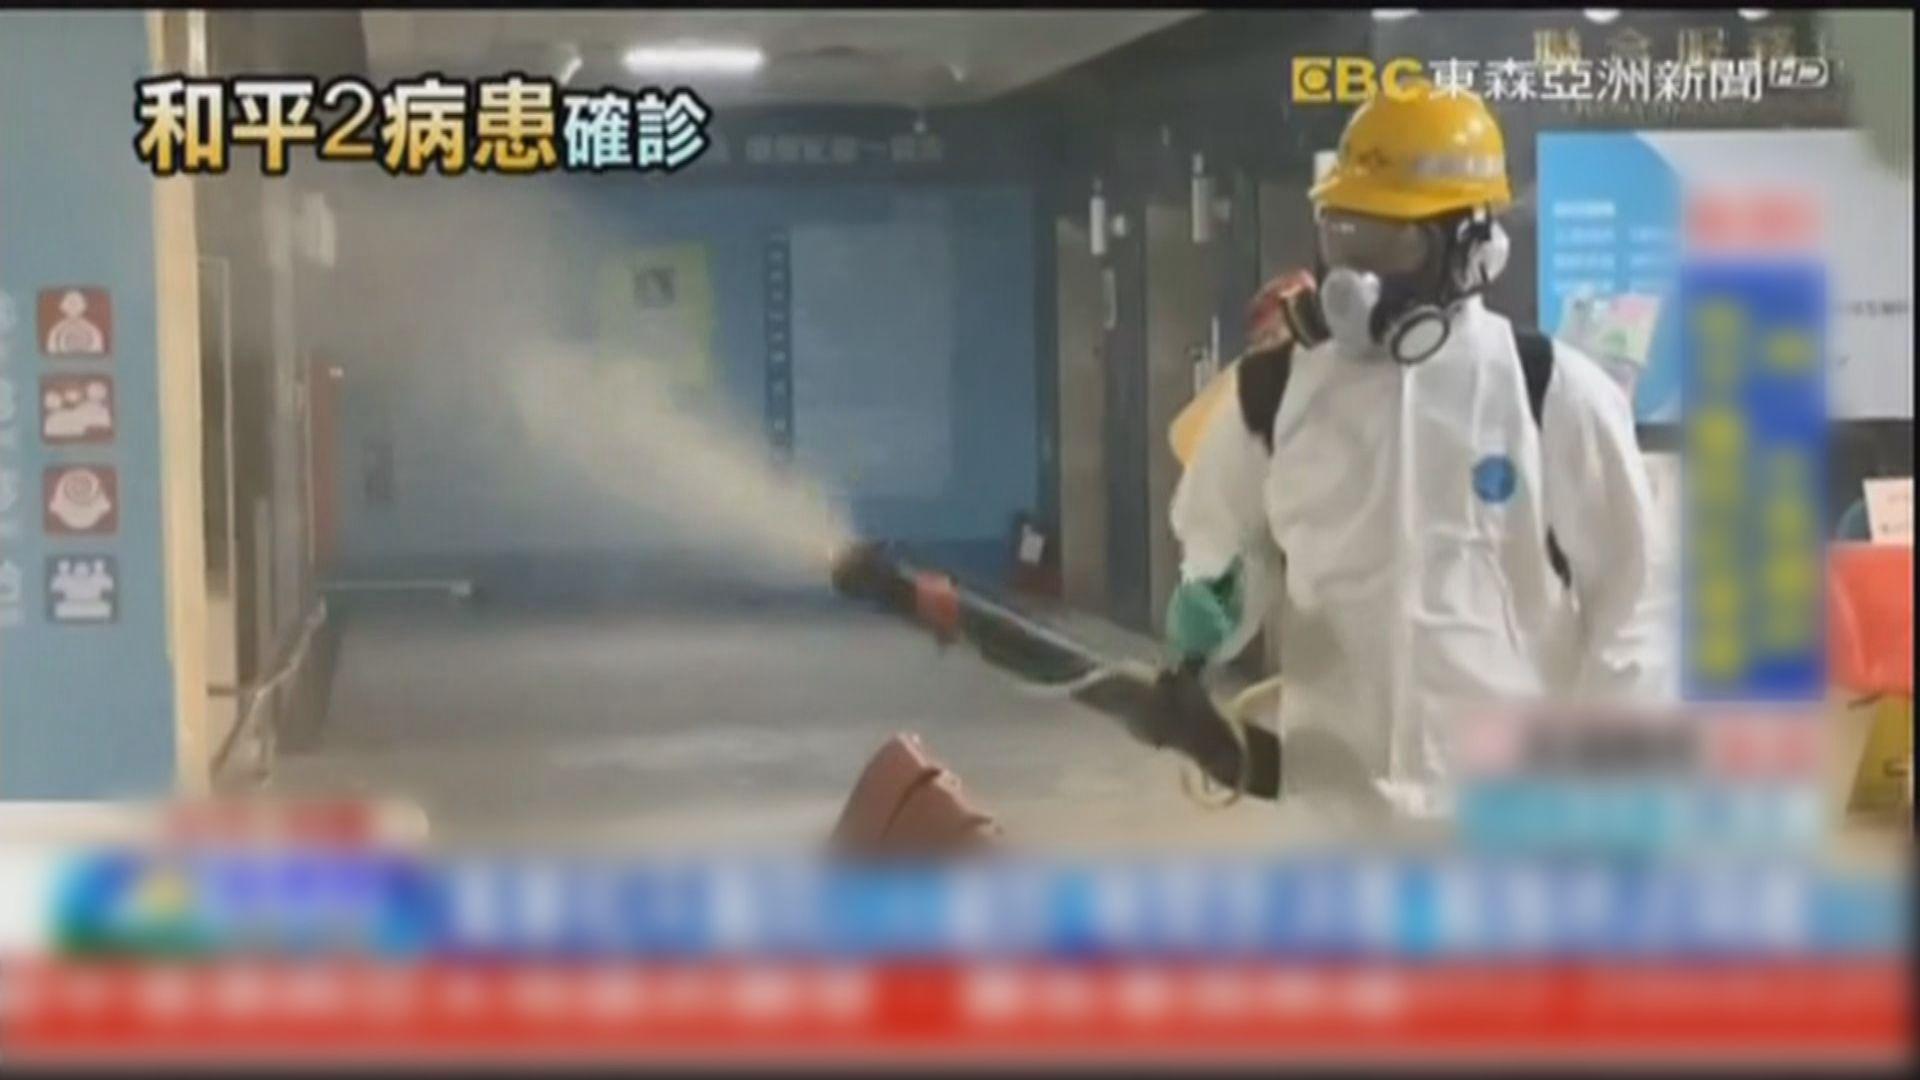 台北和平醫院兩病人確診後暫停急診 當局指毋須封院